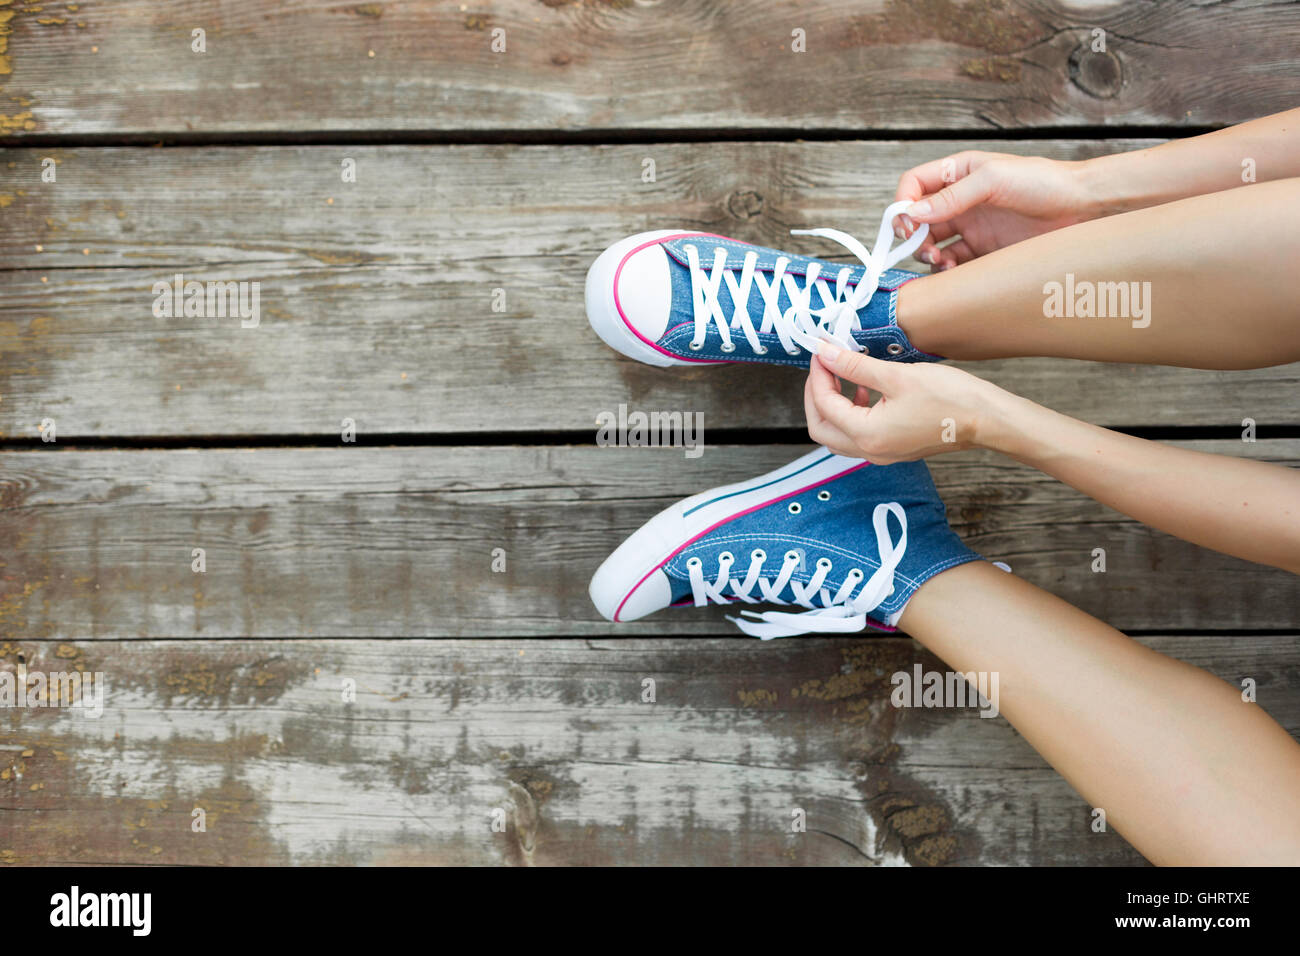 Giovane donna lacci di legatura dei suoi jeans sneakers seduta sul pavimento in legno Immagini Stock